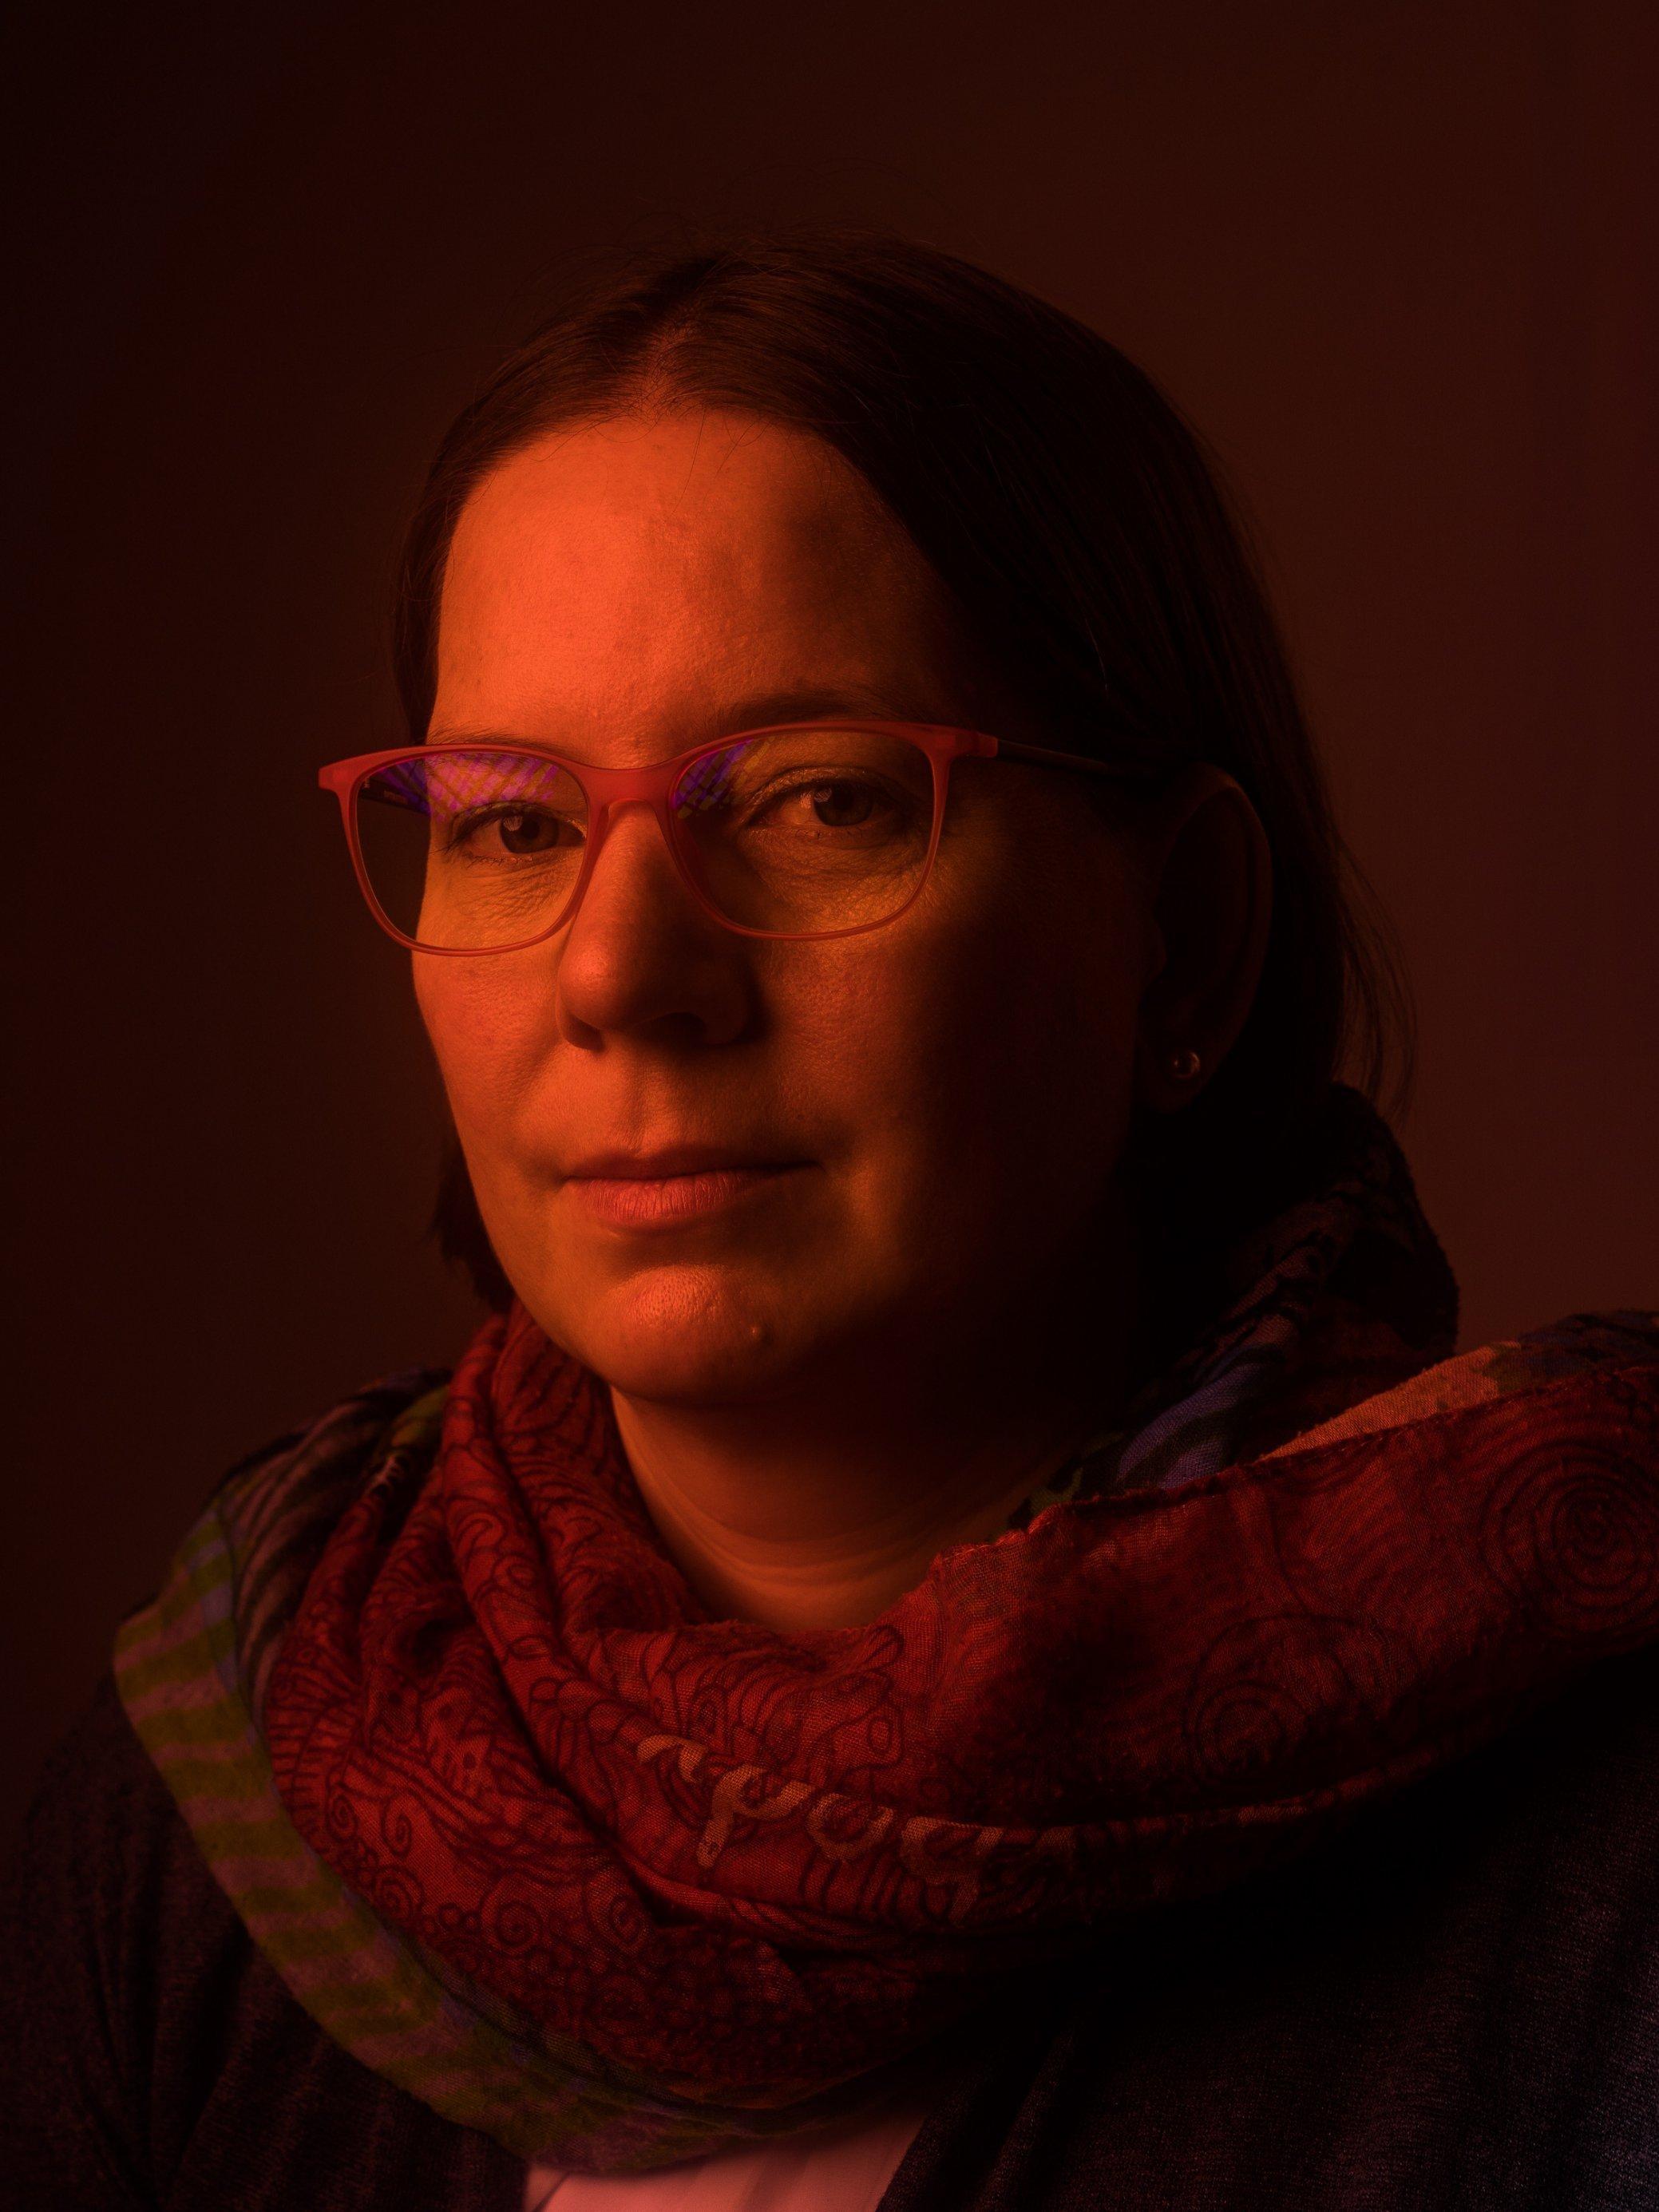 Ein mit Rotlicht verfremdetes Portrait der Long-Covid-Betroffenen Daniela Müller aus Stuttgart.